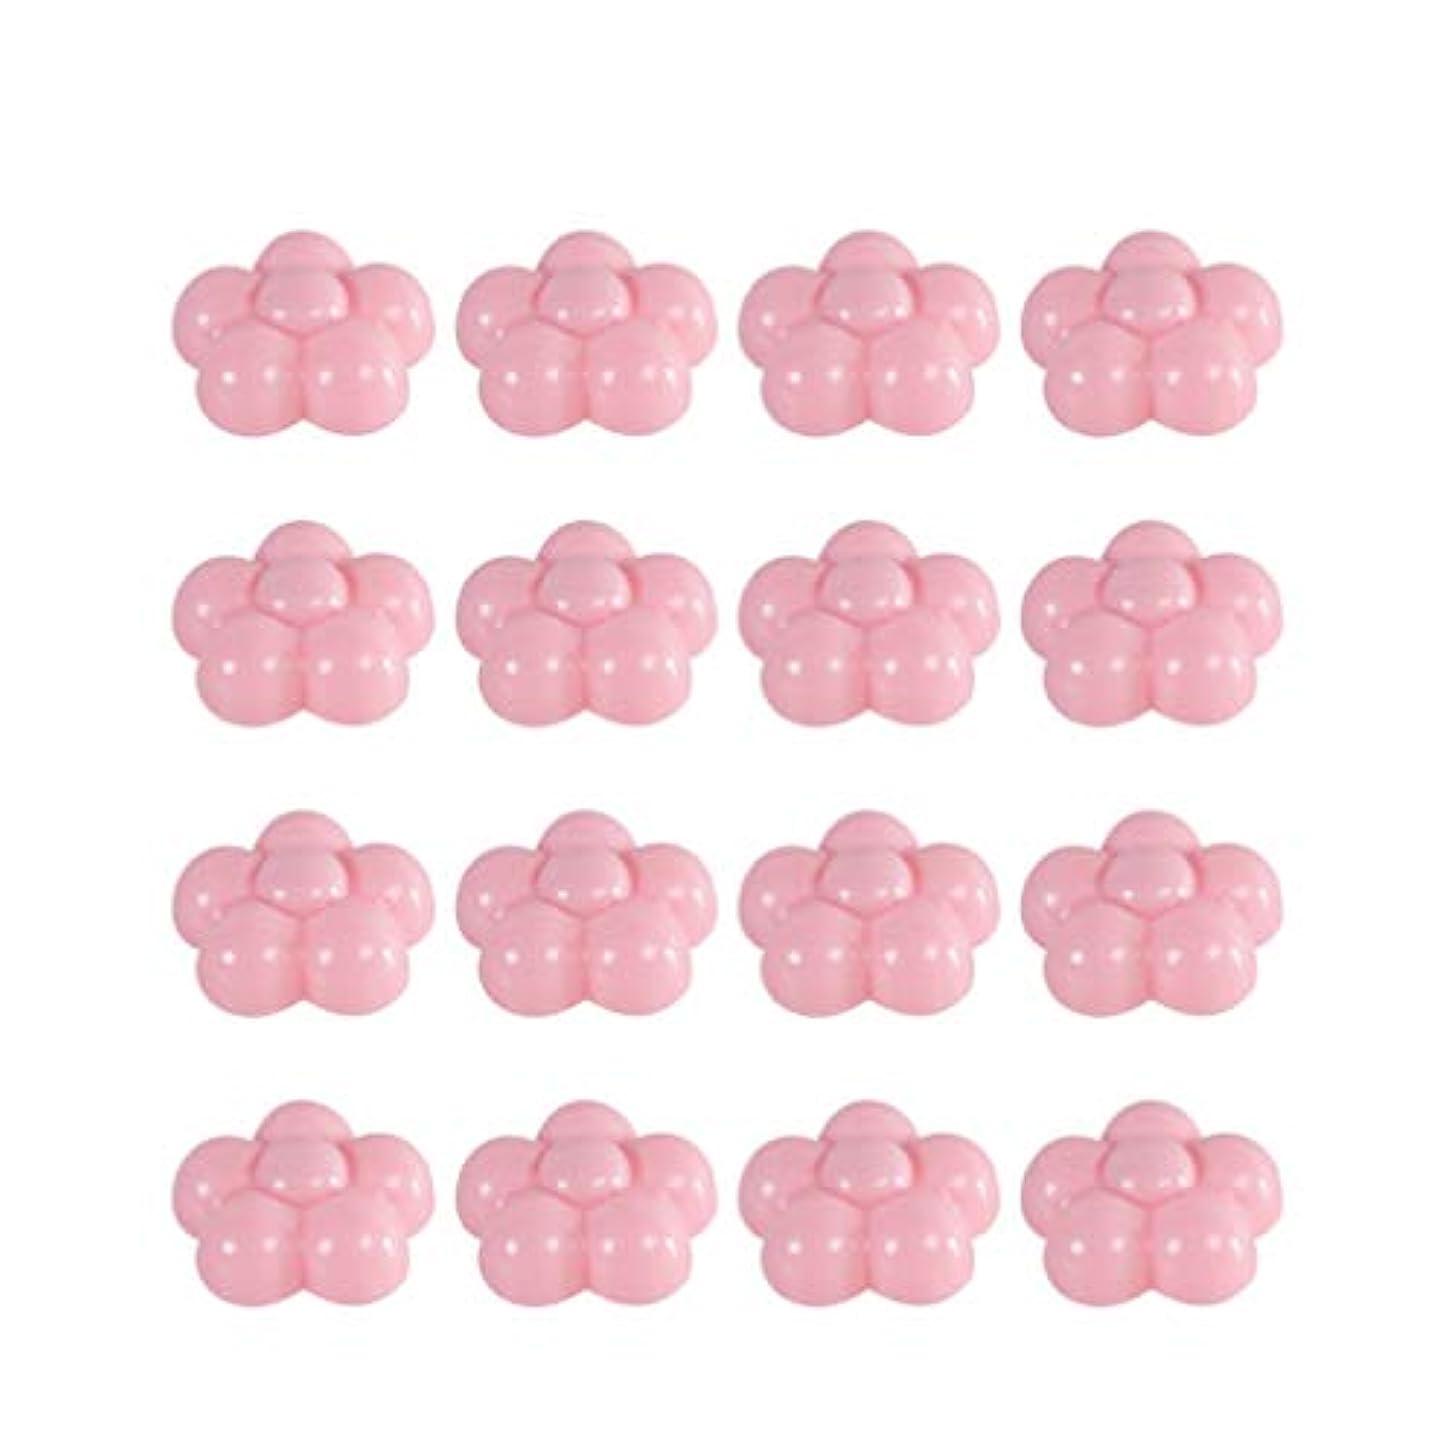 リップ不和信じるVosarea 16pcsベッドスカートピンブロッサムハート型スリップカバー保持ピン滑り止め装飾用シートファスナースリップカバー用ドレープ他の生地や素材をしっかりと縫い付けて家の装飾